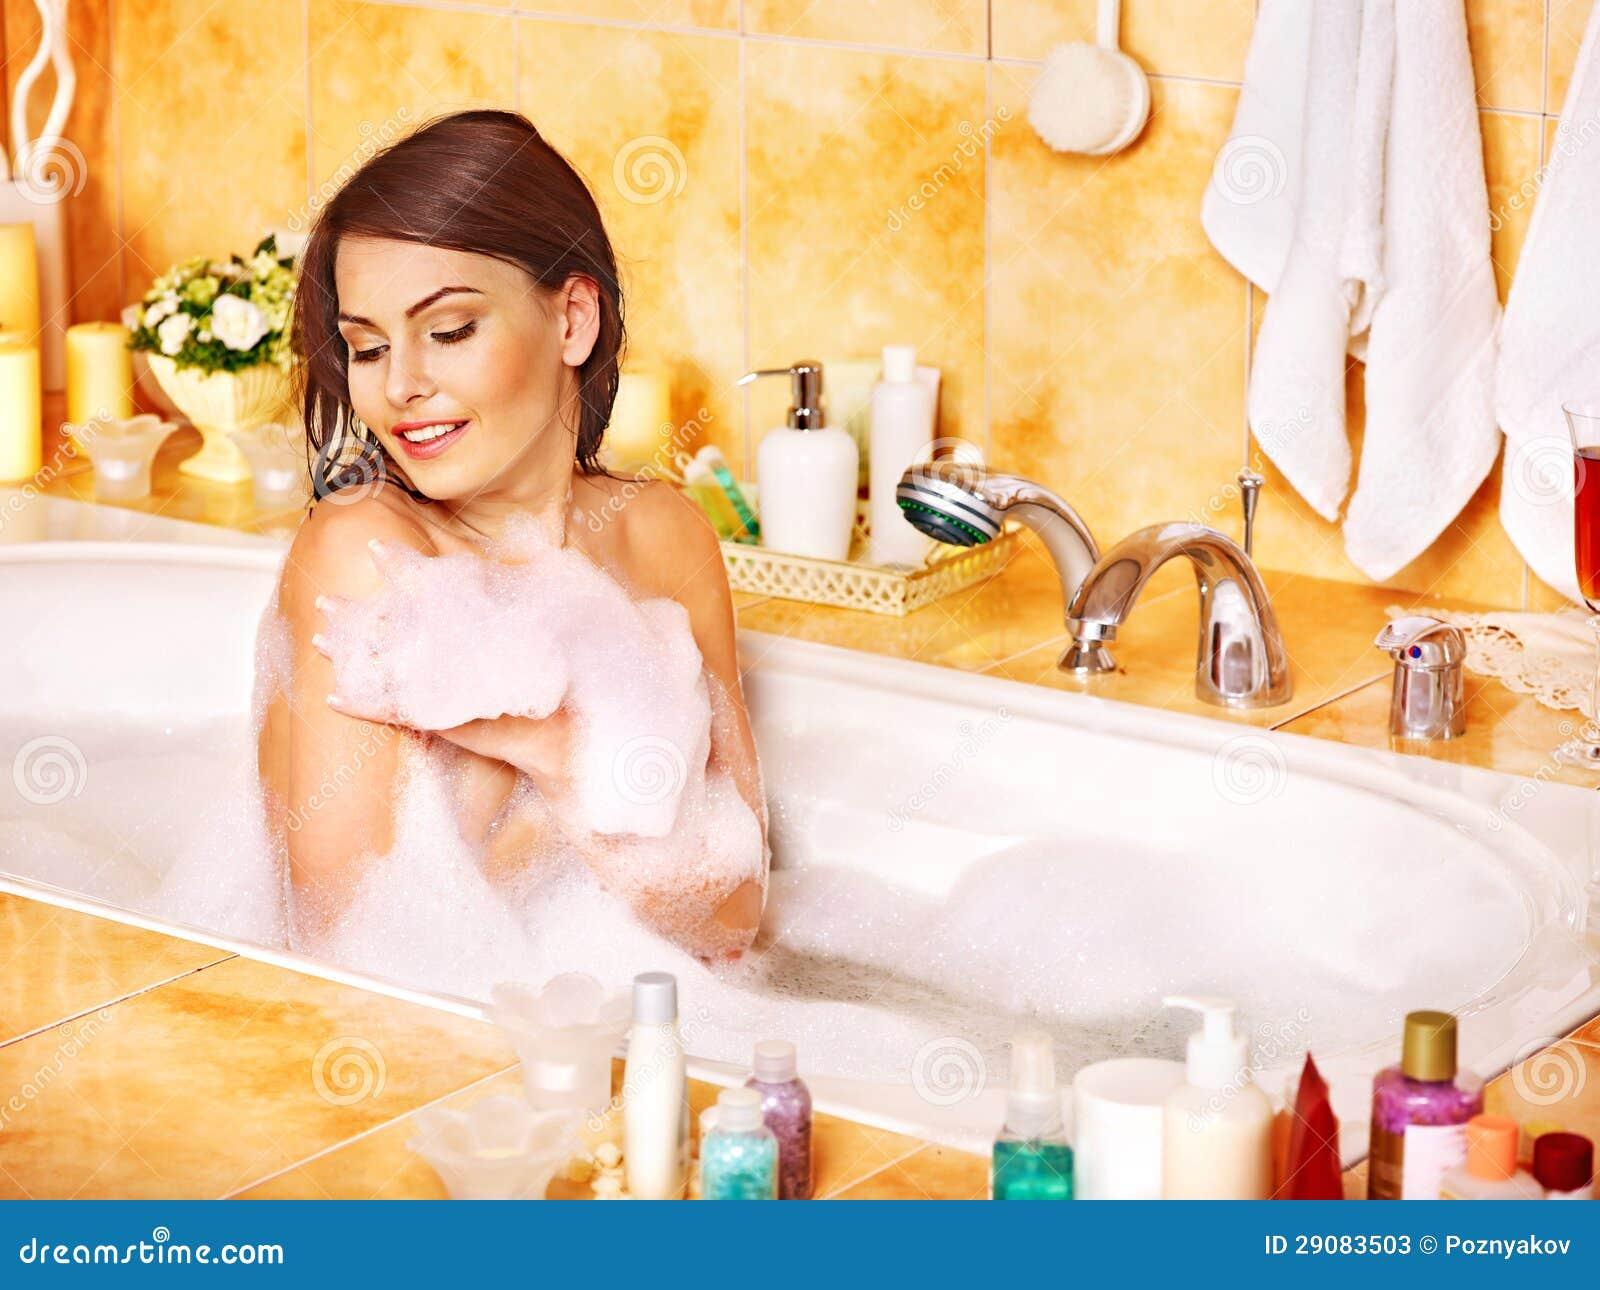 Imagenes Que Indiquen Baño De Mujeres:Mujer Que Se Relaja En El Baño De Burbujas Fotos de archivo – Imagen